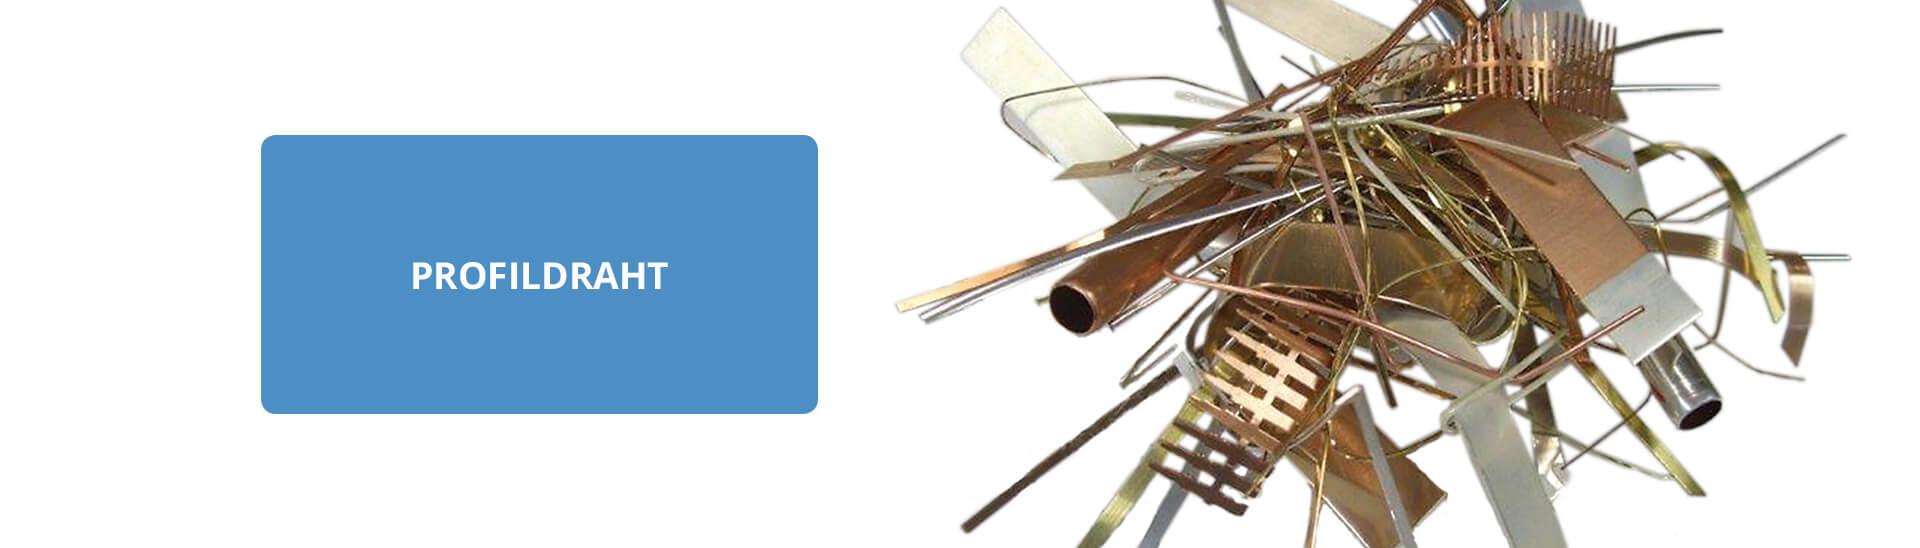 Profildraht - Otto Brenscheidt GmbH & Co. KG - Spezialfabrik für ...